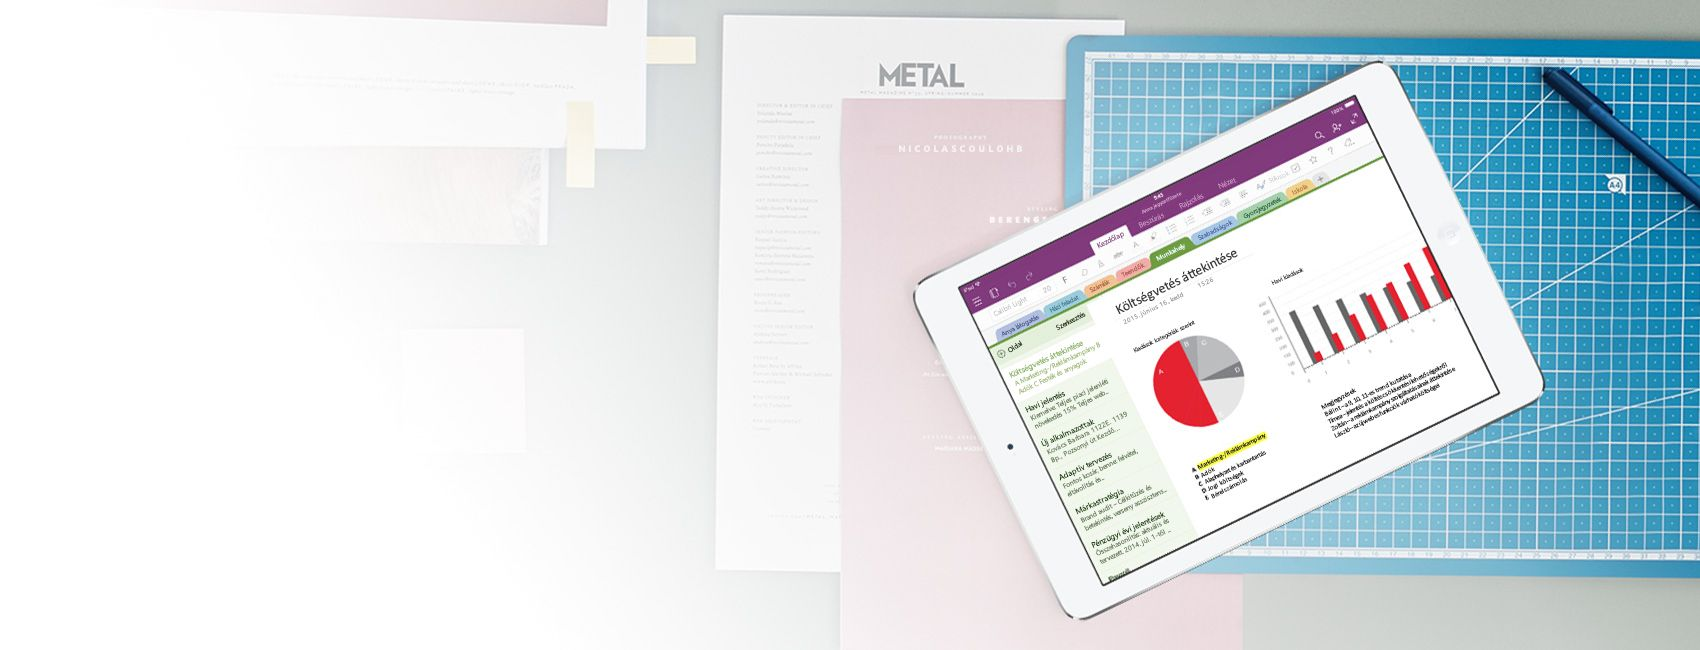 Egy iPad, amelynek a képernyőjén egy OneNote-jegyzetfüzet látható költségvetési diagramokkal